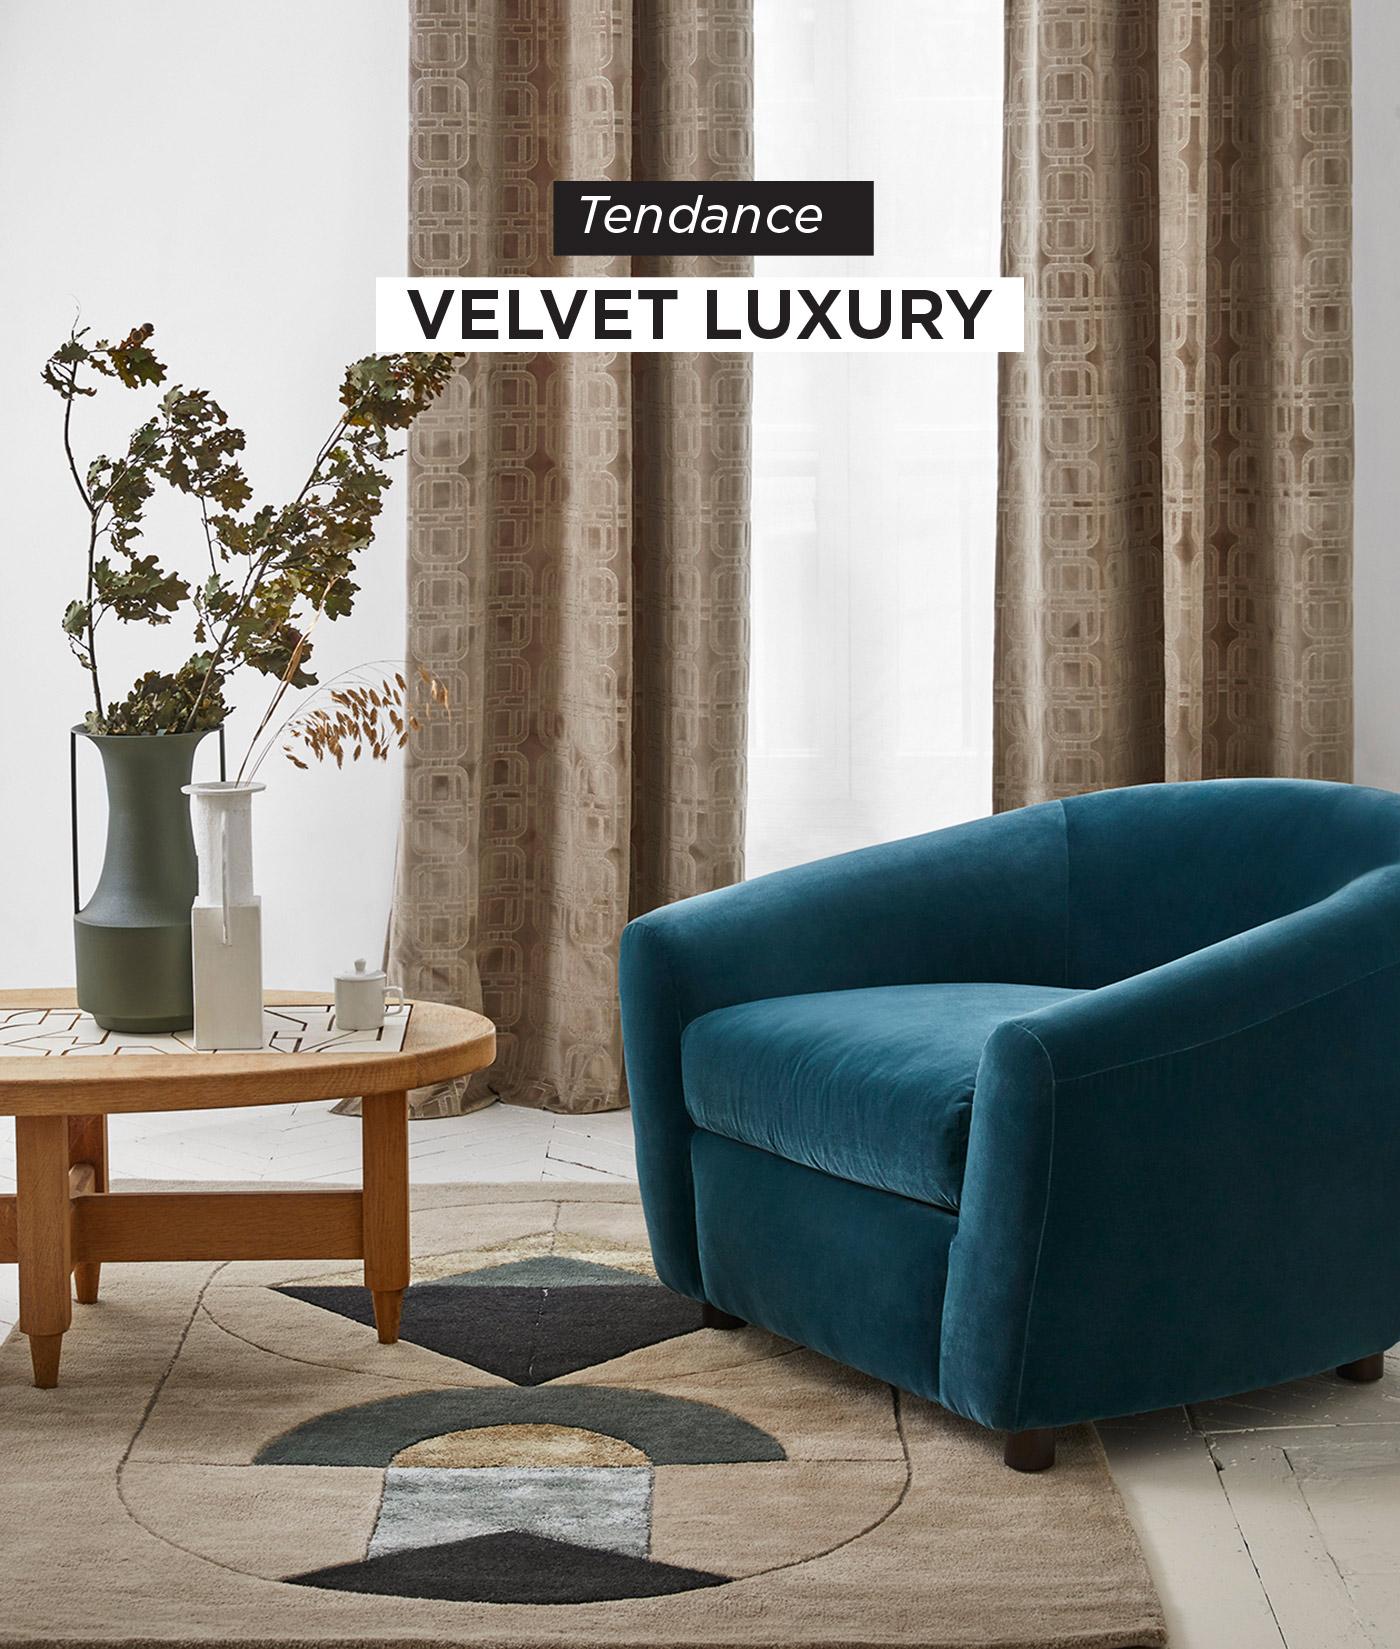 Tendance - Velvet Luxury